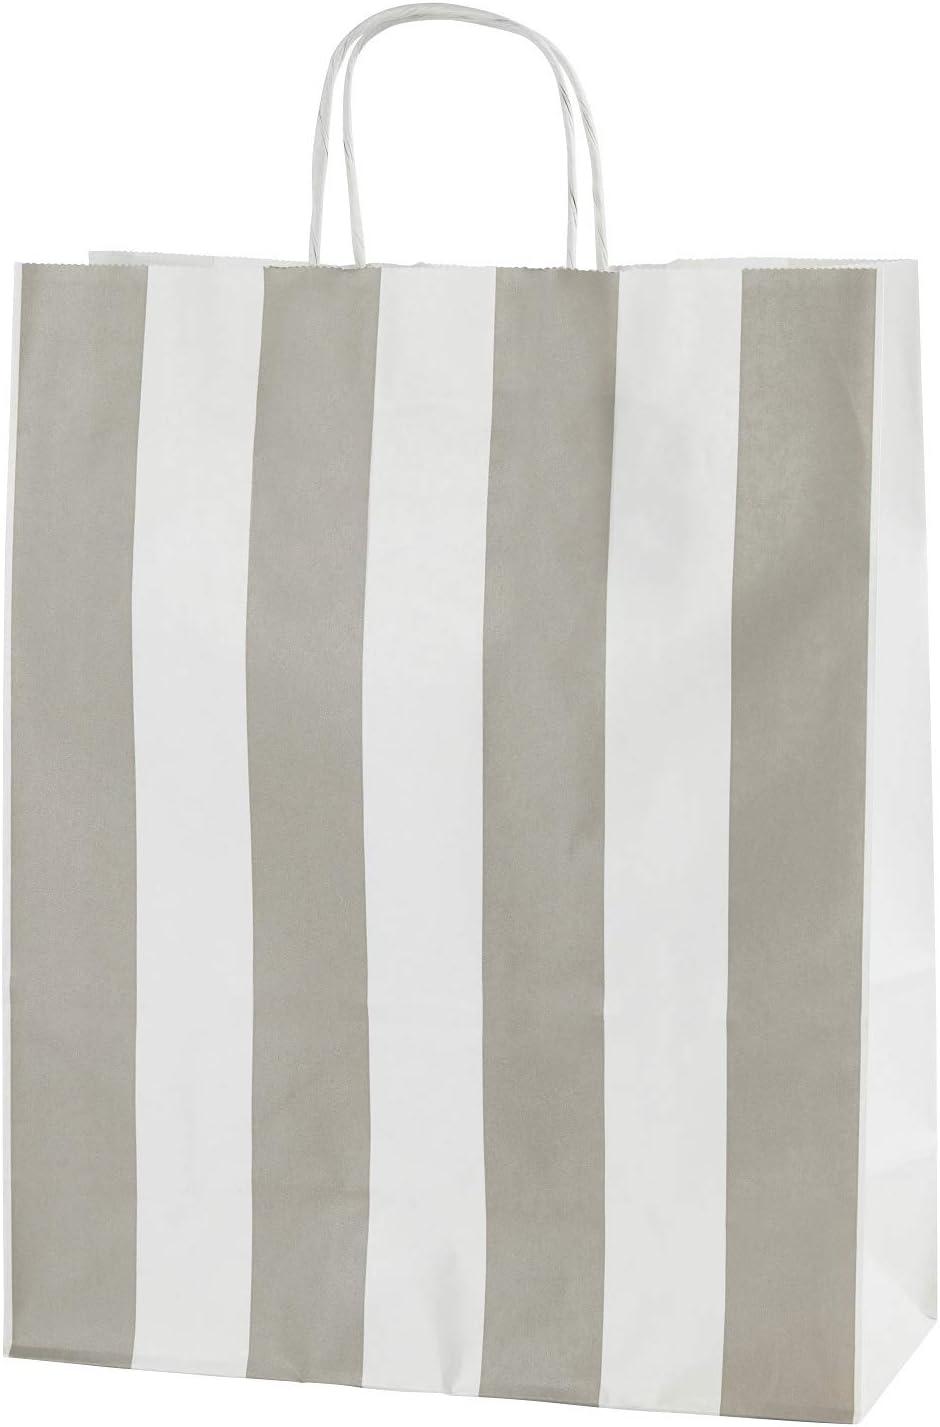 Rouge 10 sacs en papier qualit/é premium avec poign/ées Taille 250x110x310mm